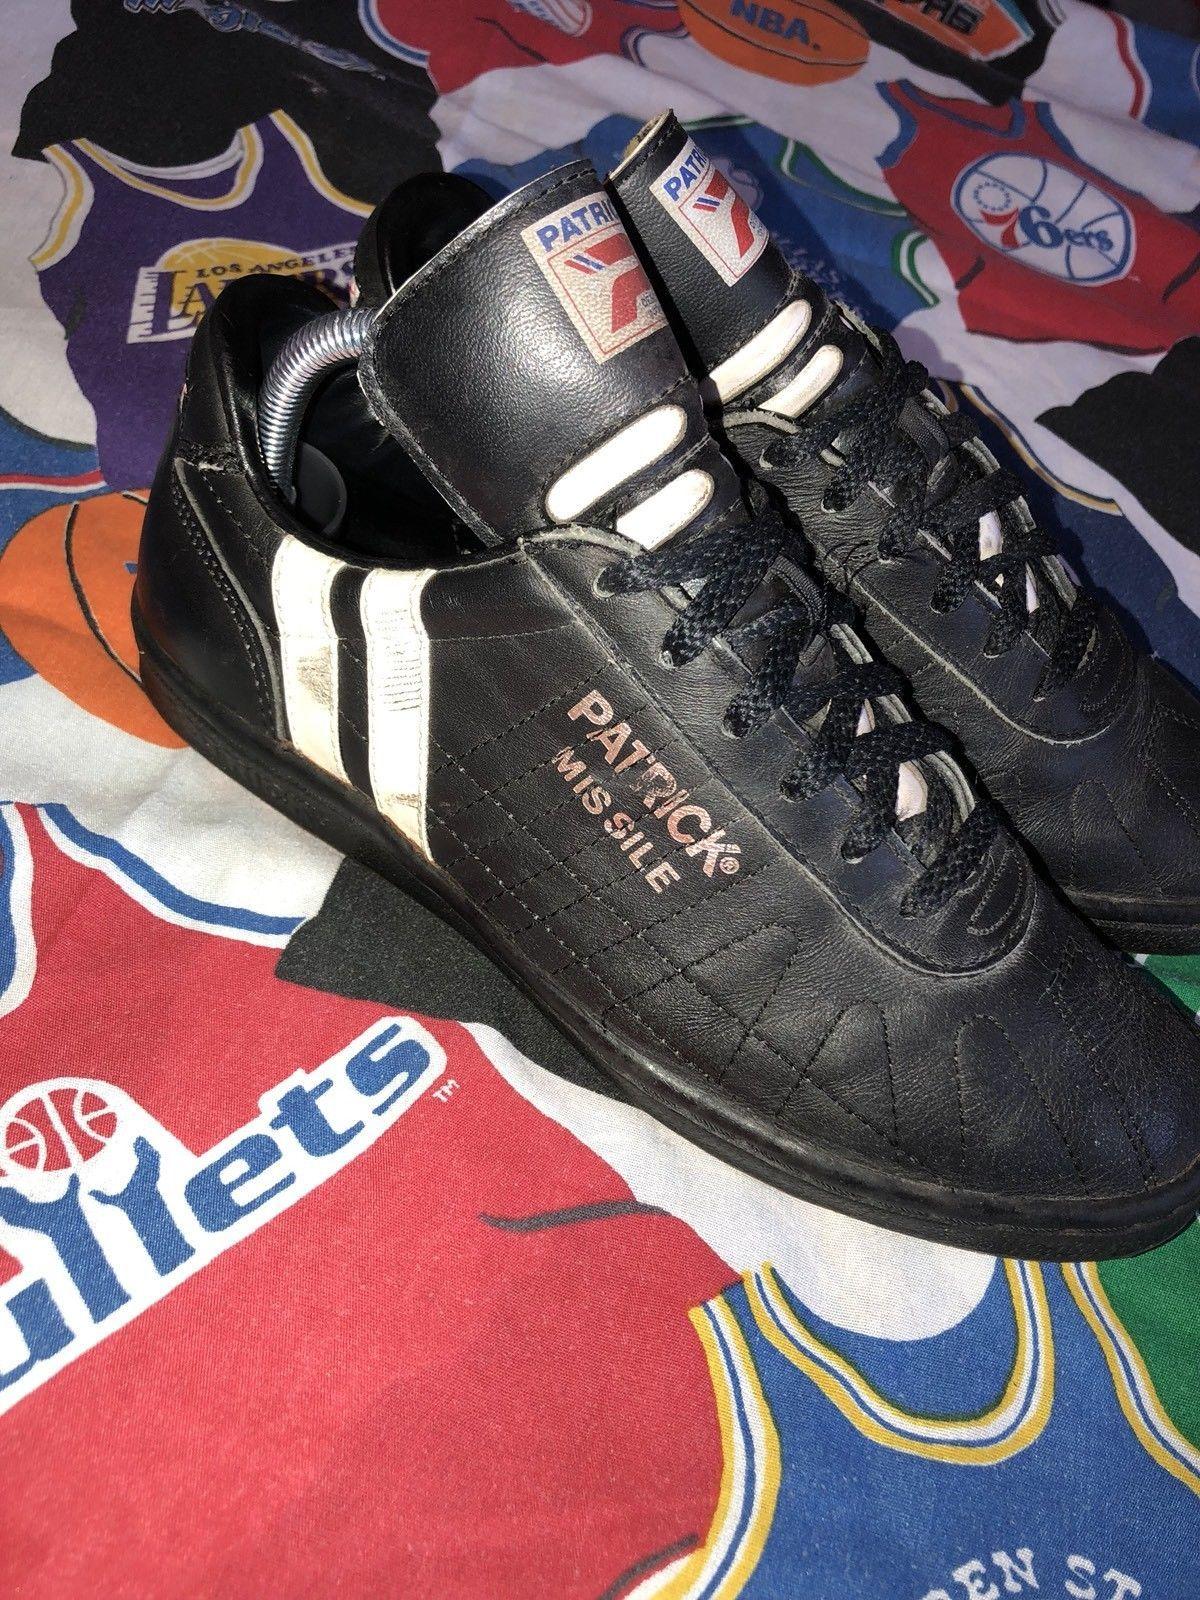 b079bd9aa Size 7 Vintage Patrick Shoes Missile Soccer Futbol Designed In France | eBay